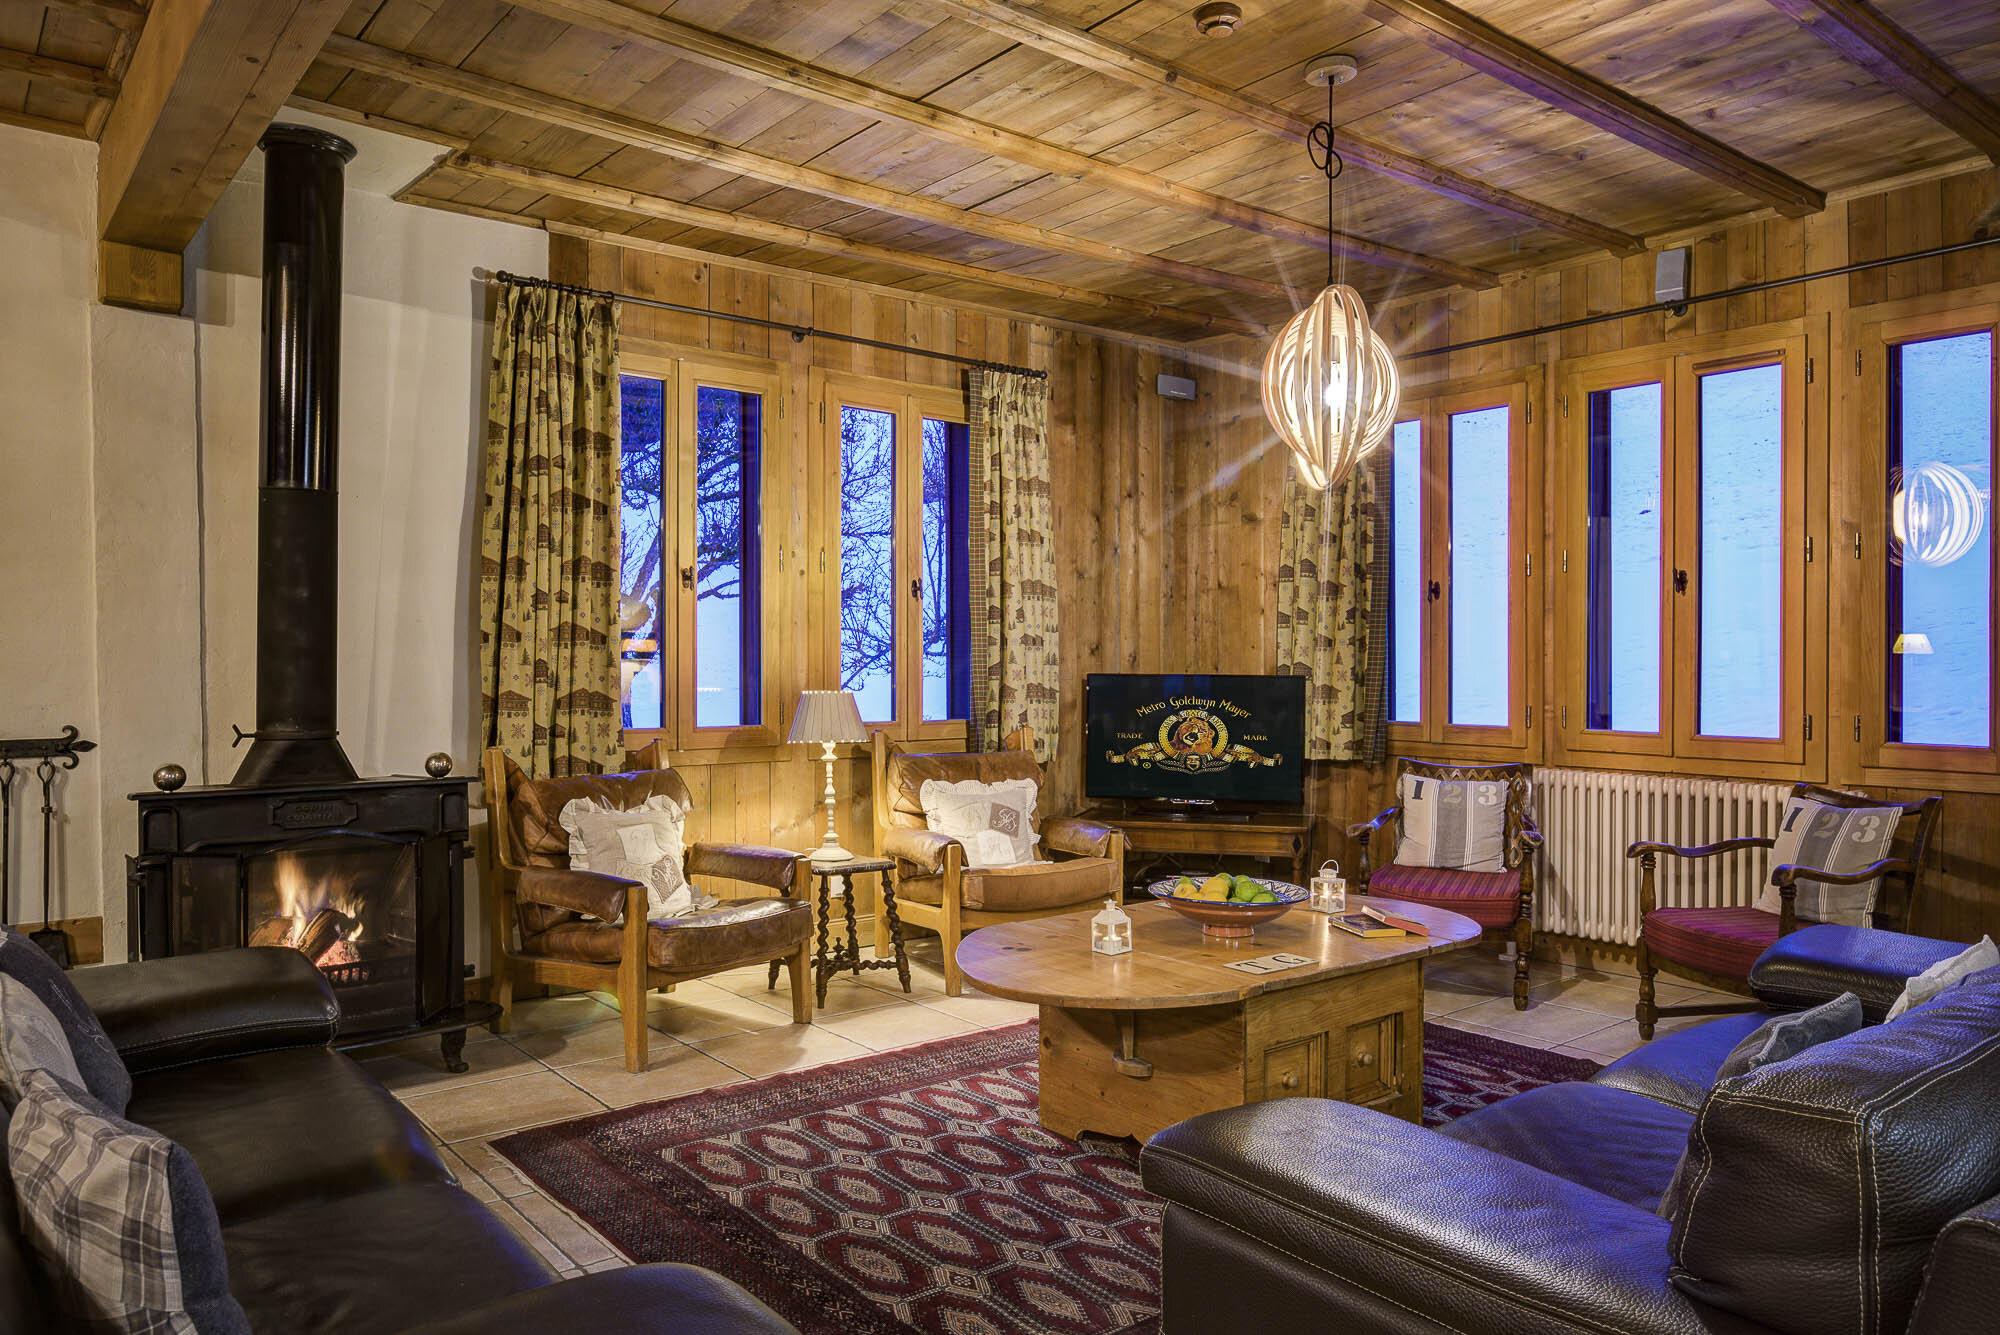 tg-ski-chalet-du-bois-morzine-017.jpg